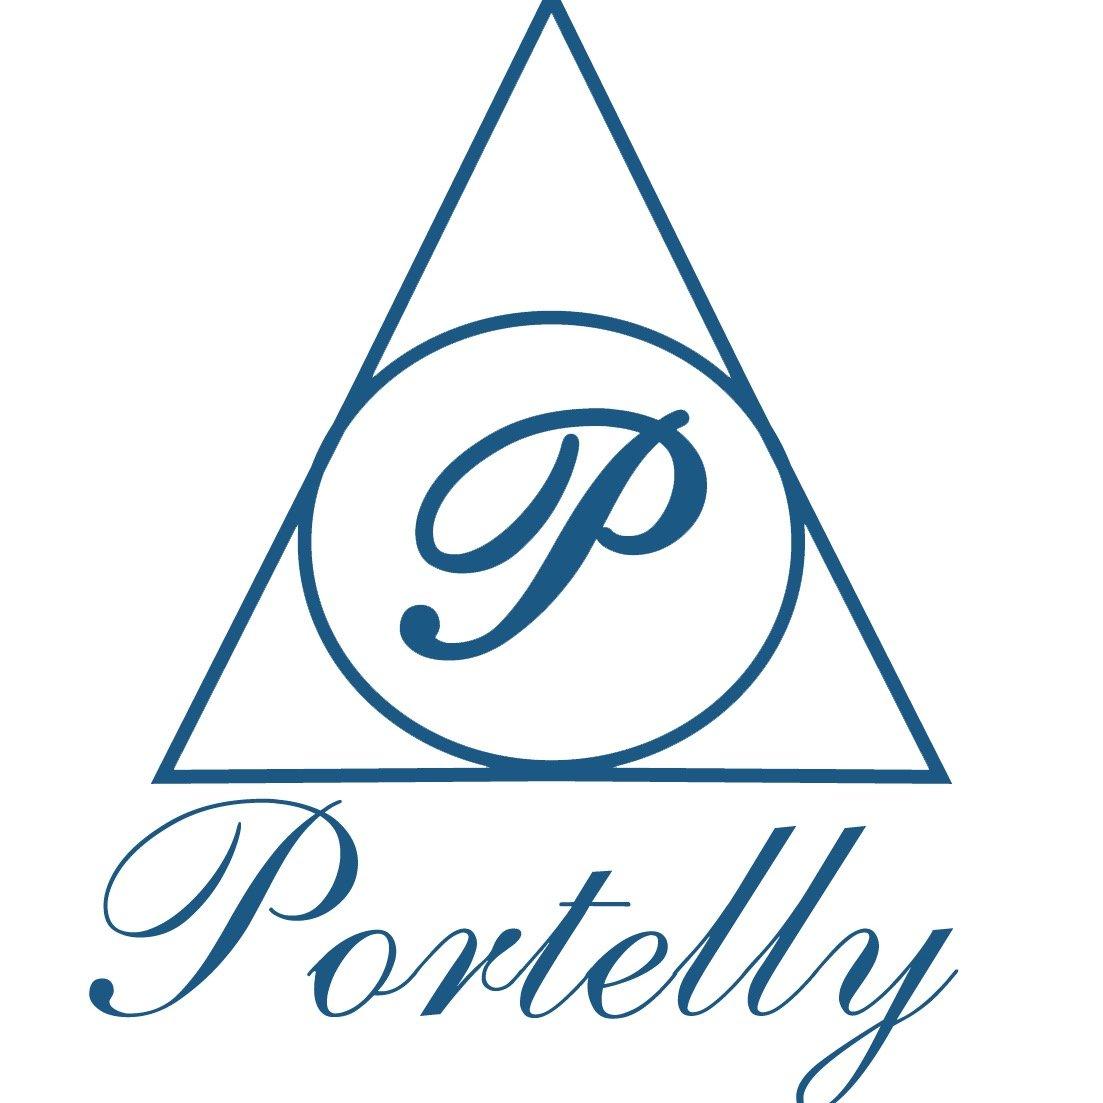 Portelly